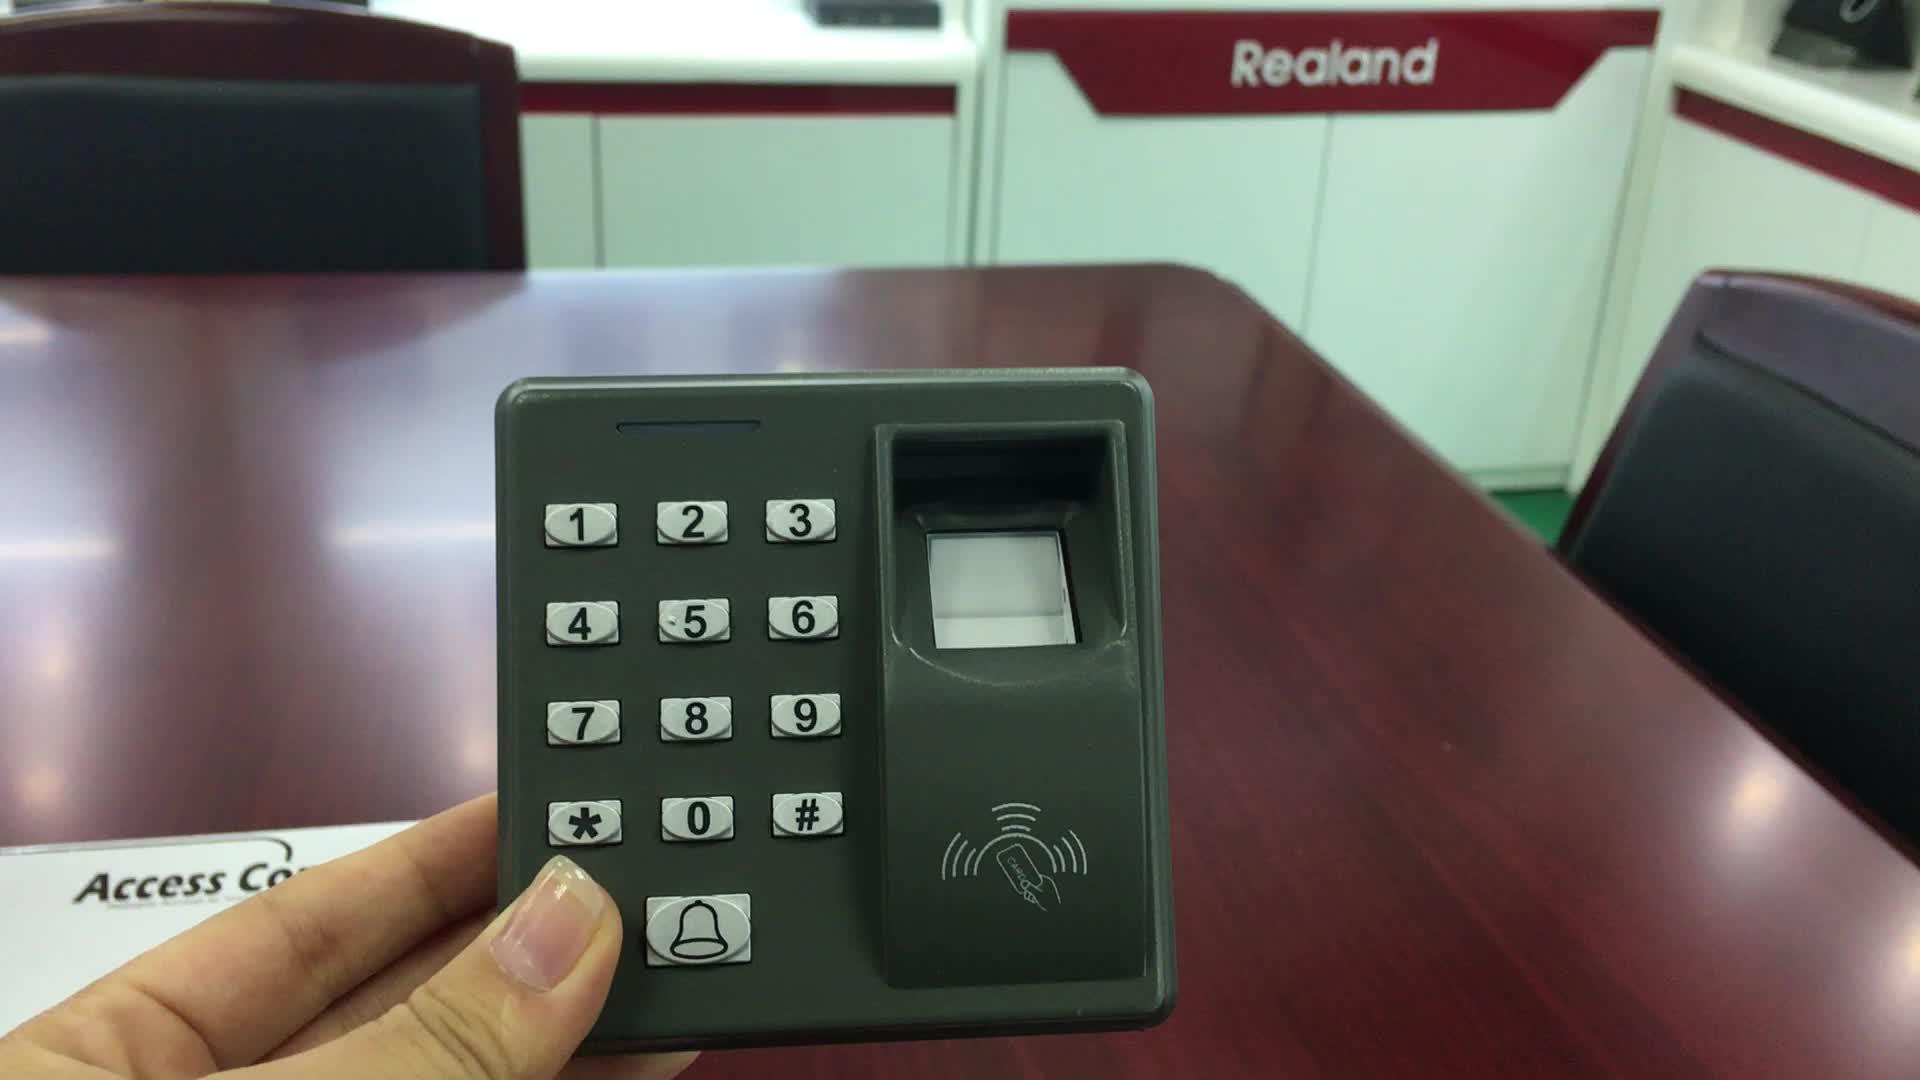 Realand M-F100 Biyometrik Cihaz Tokatlamak Kartı Giriş Sistemleri parmak izi kapı Erişim Kontrolü